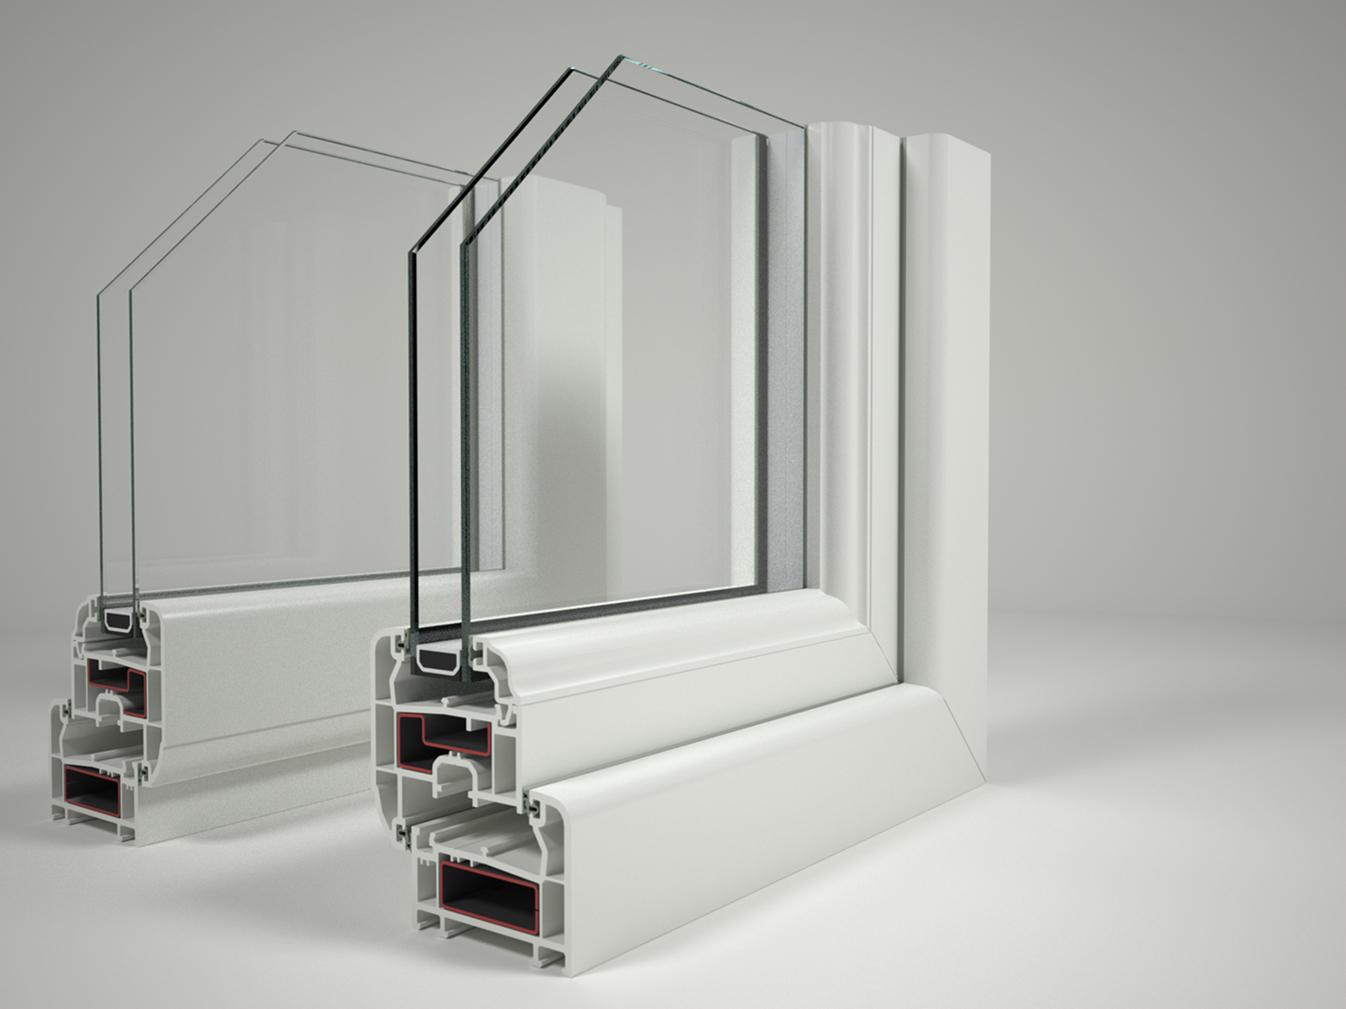 deceuninck ltd. Black Bedroom Furniture Sets. Home Design Ideas